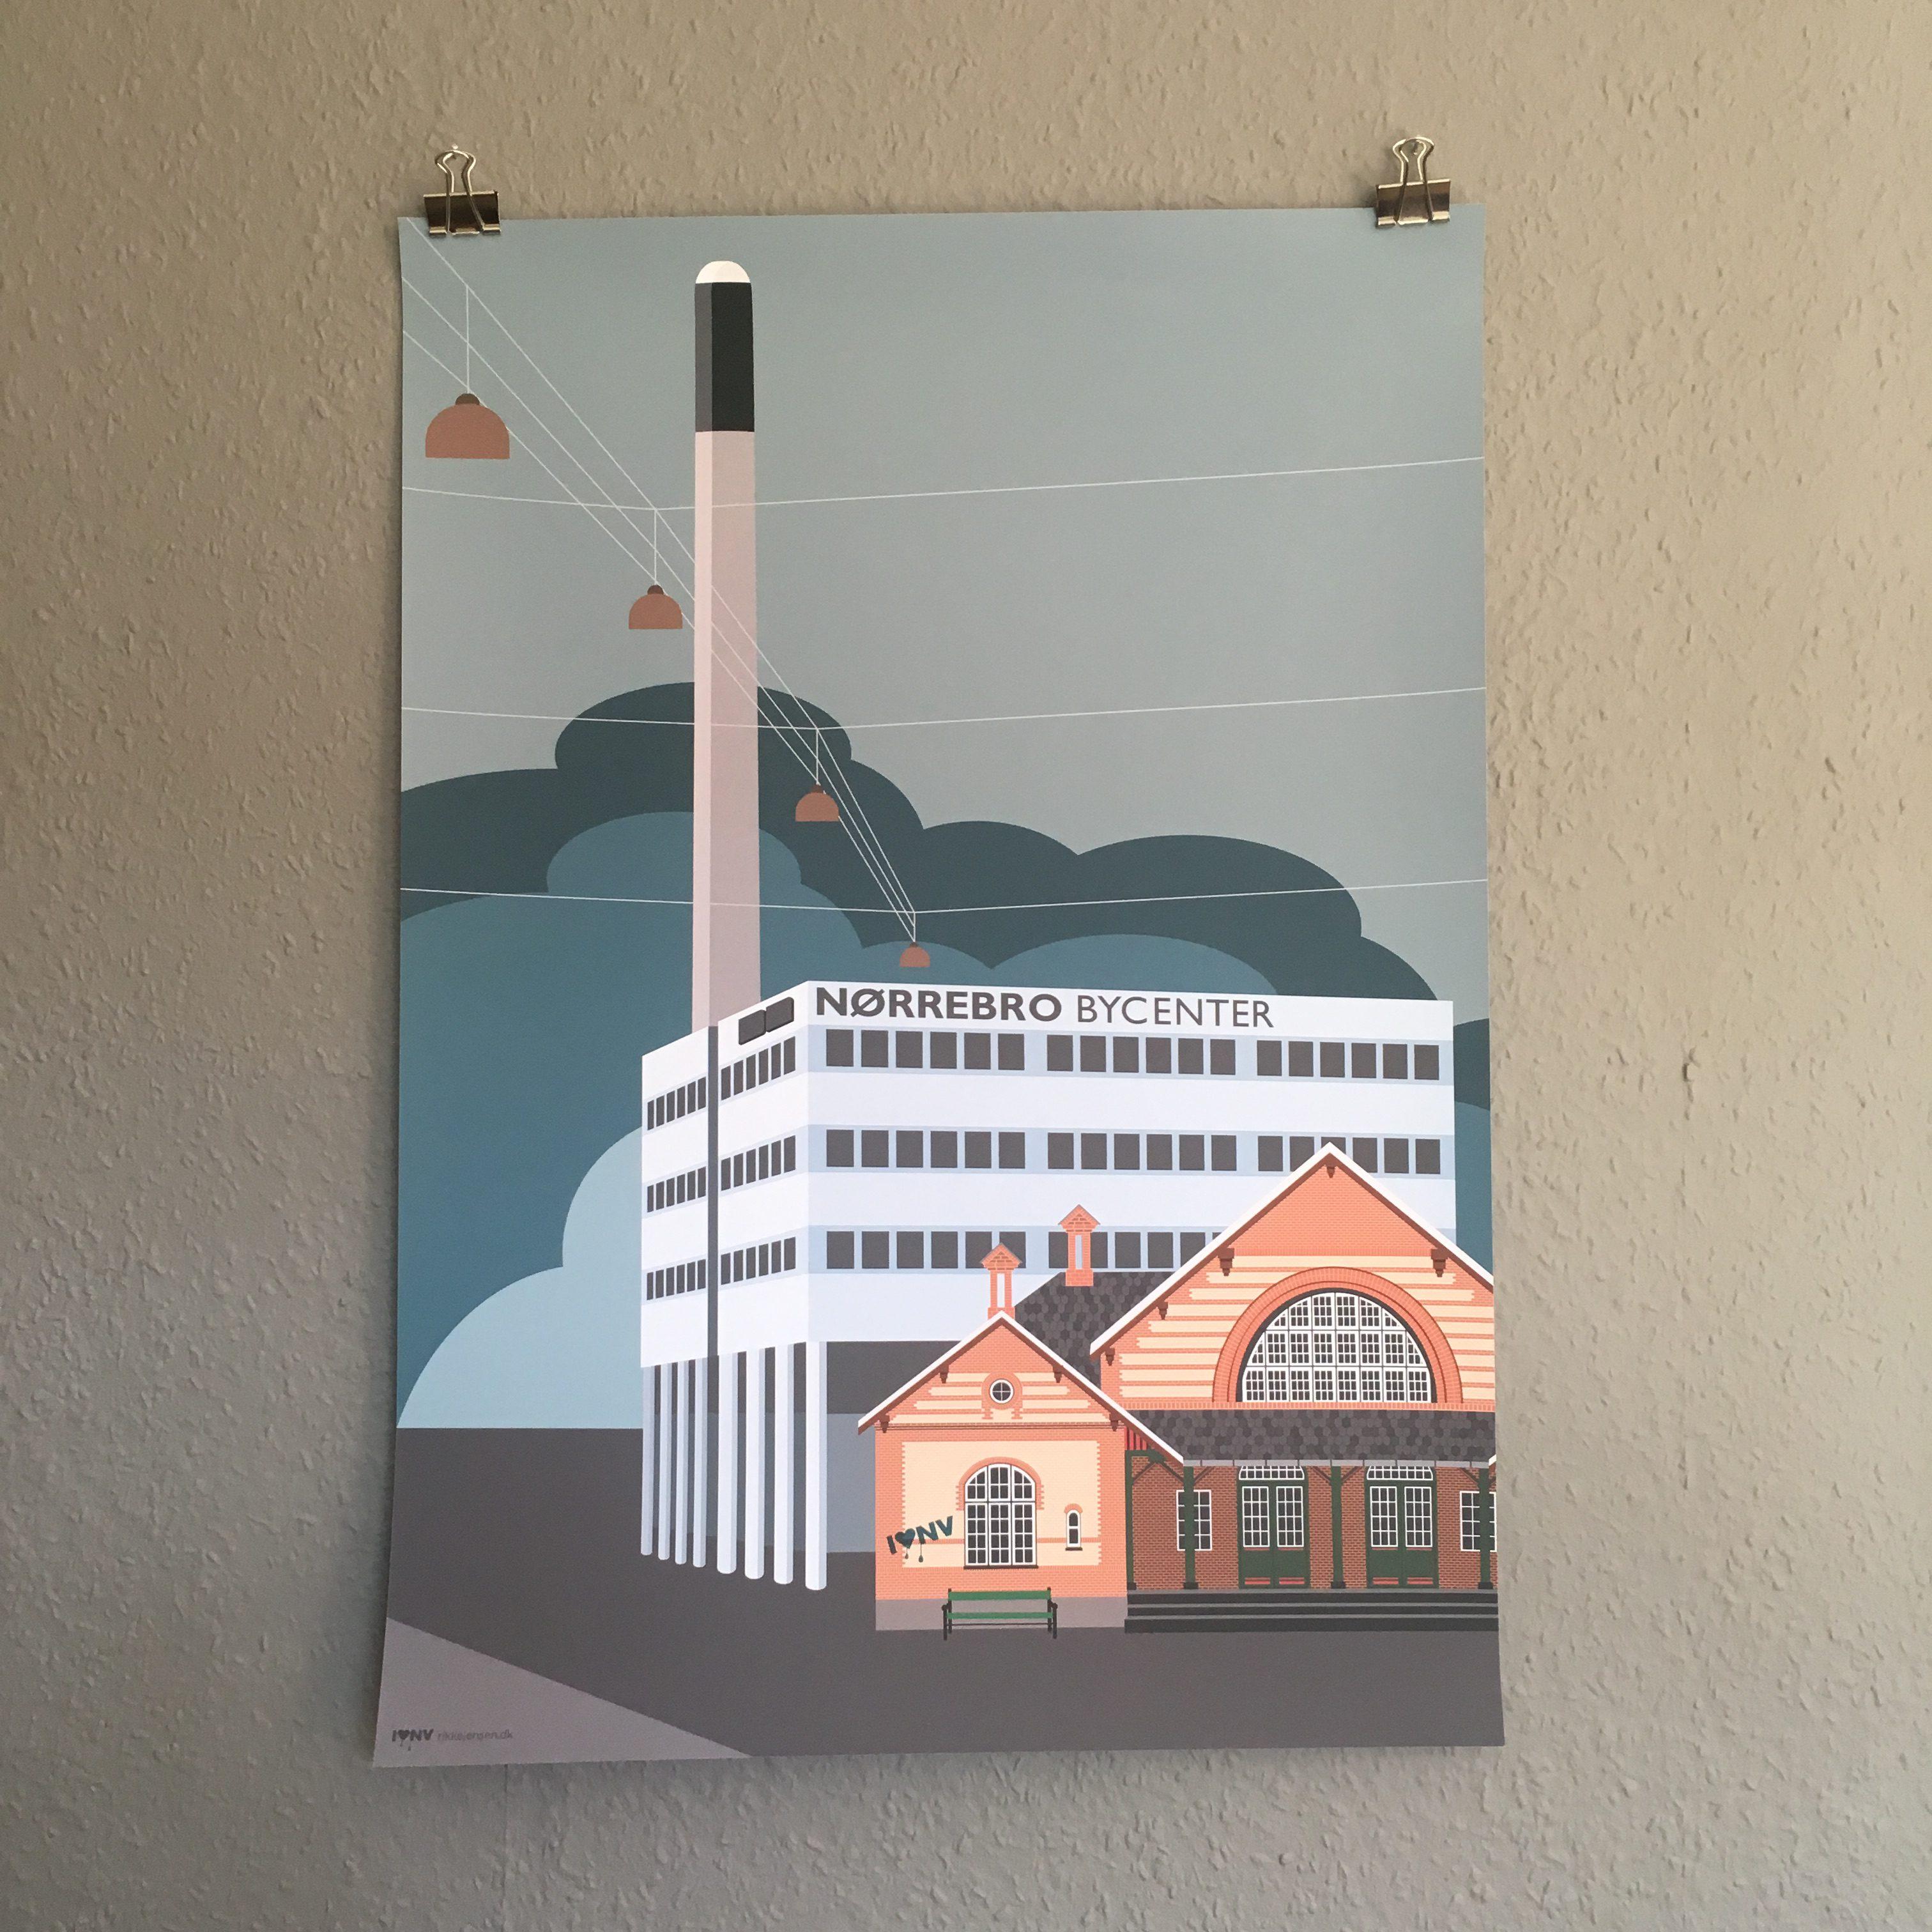 Nørrebro Bycenter